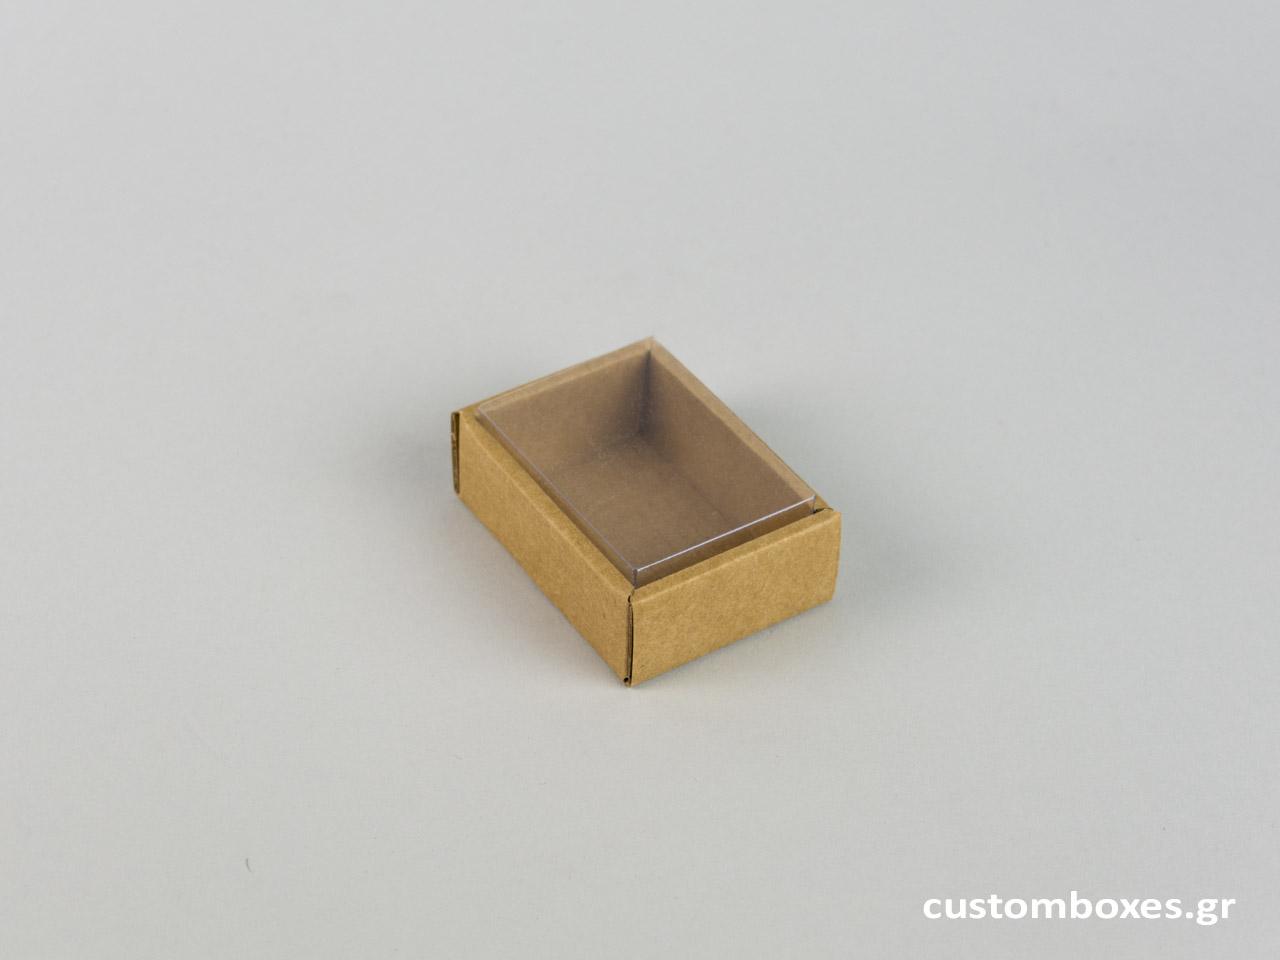 Οικολογικό κουτί kraft με διάφανο καπάκι μενταγιόν νο2